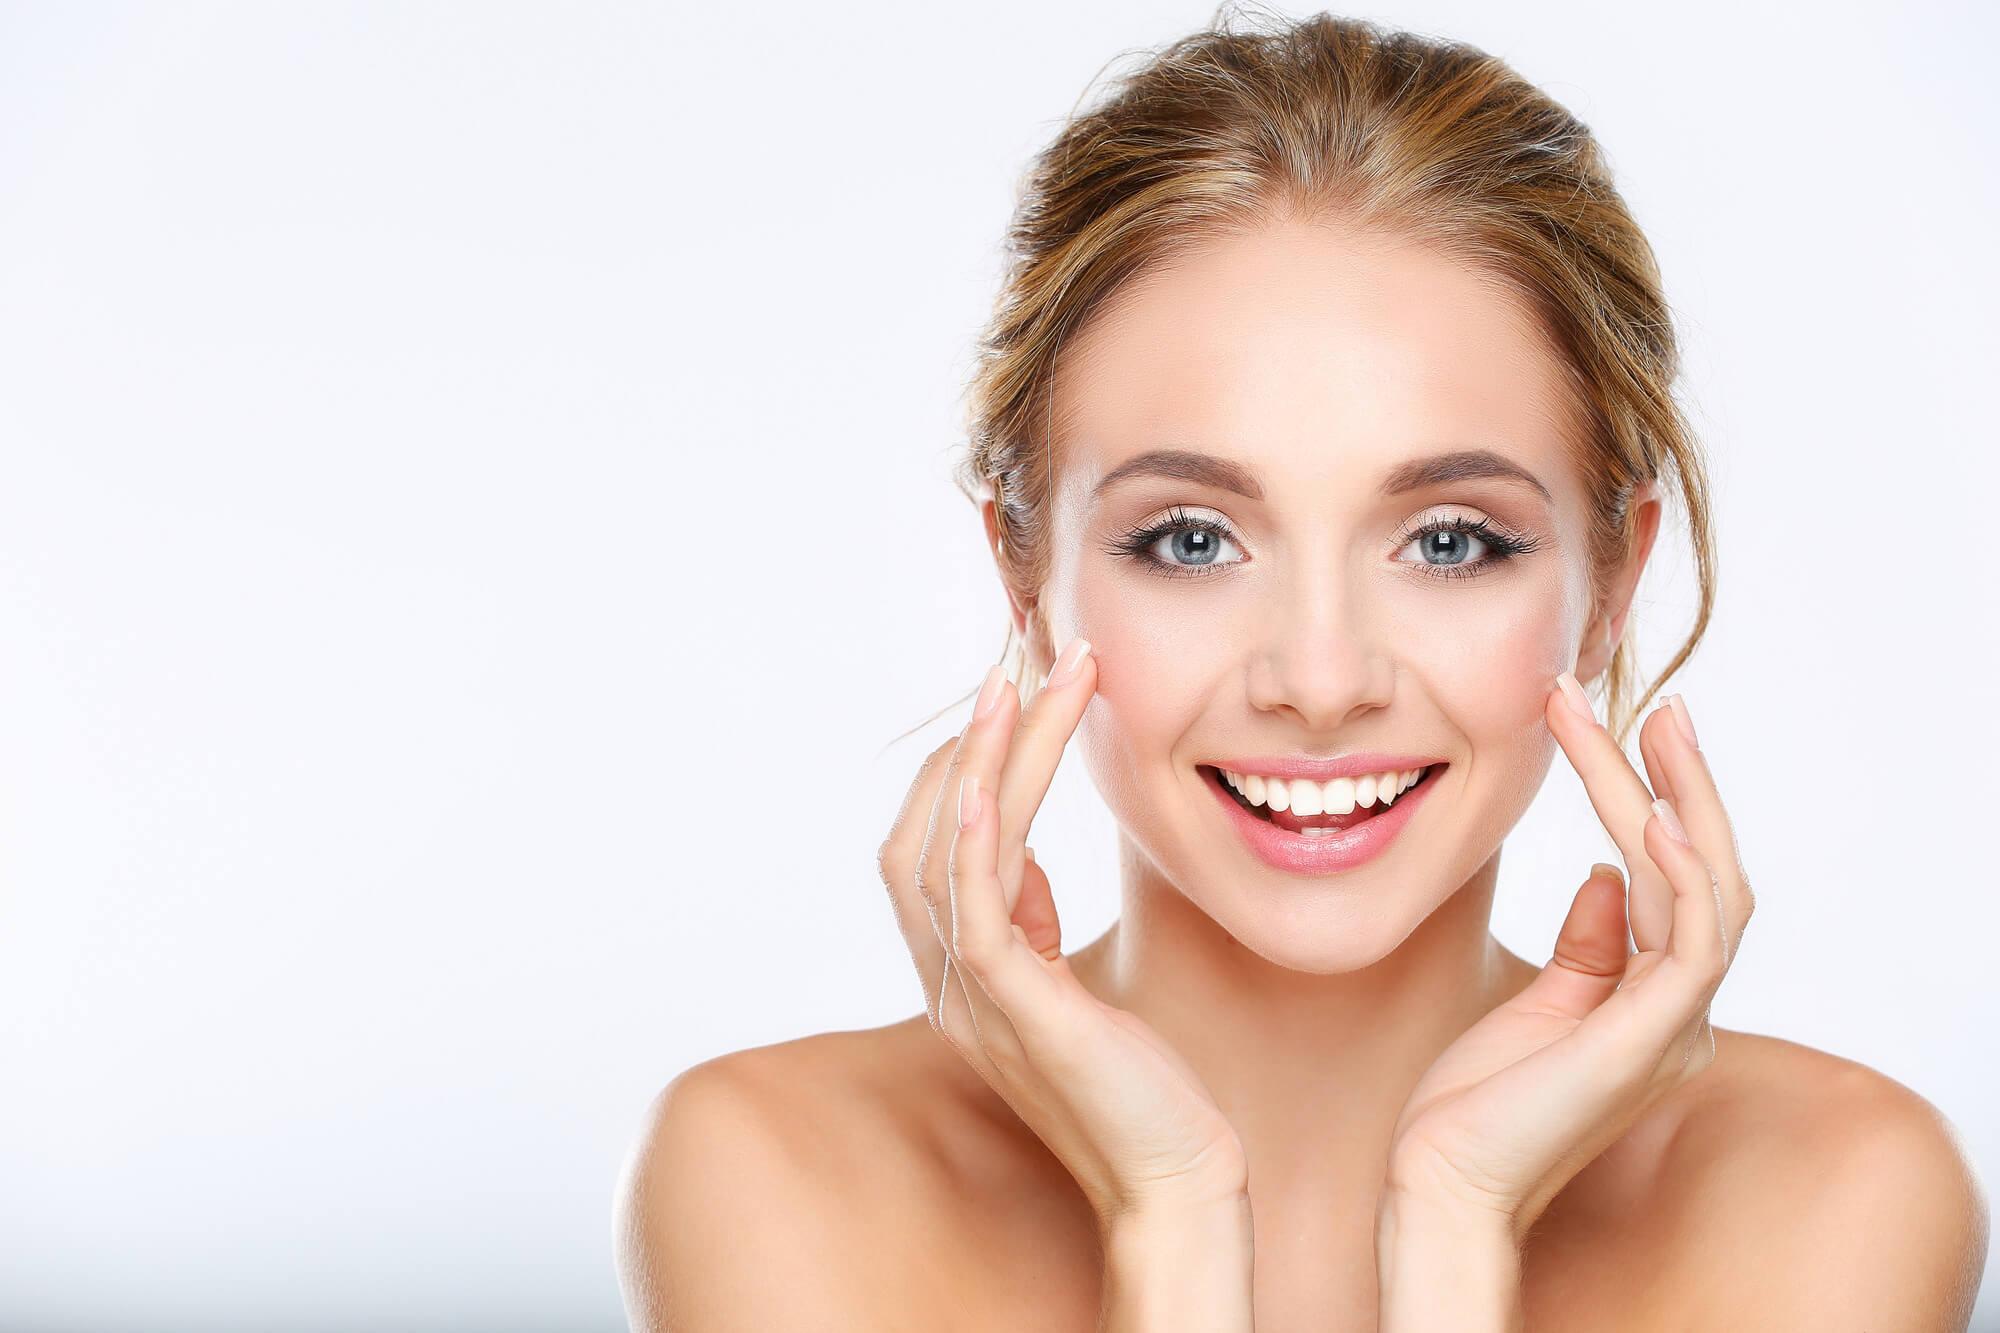 Voit käyttää omenaviinietikkaa kavojen ihon hoitoon.